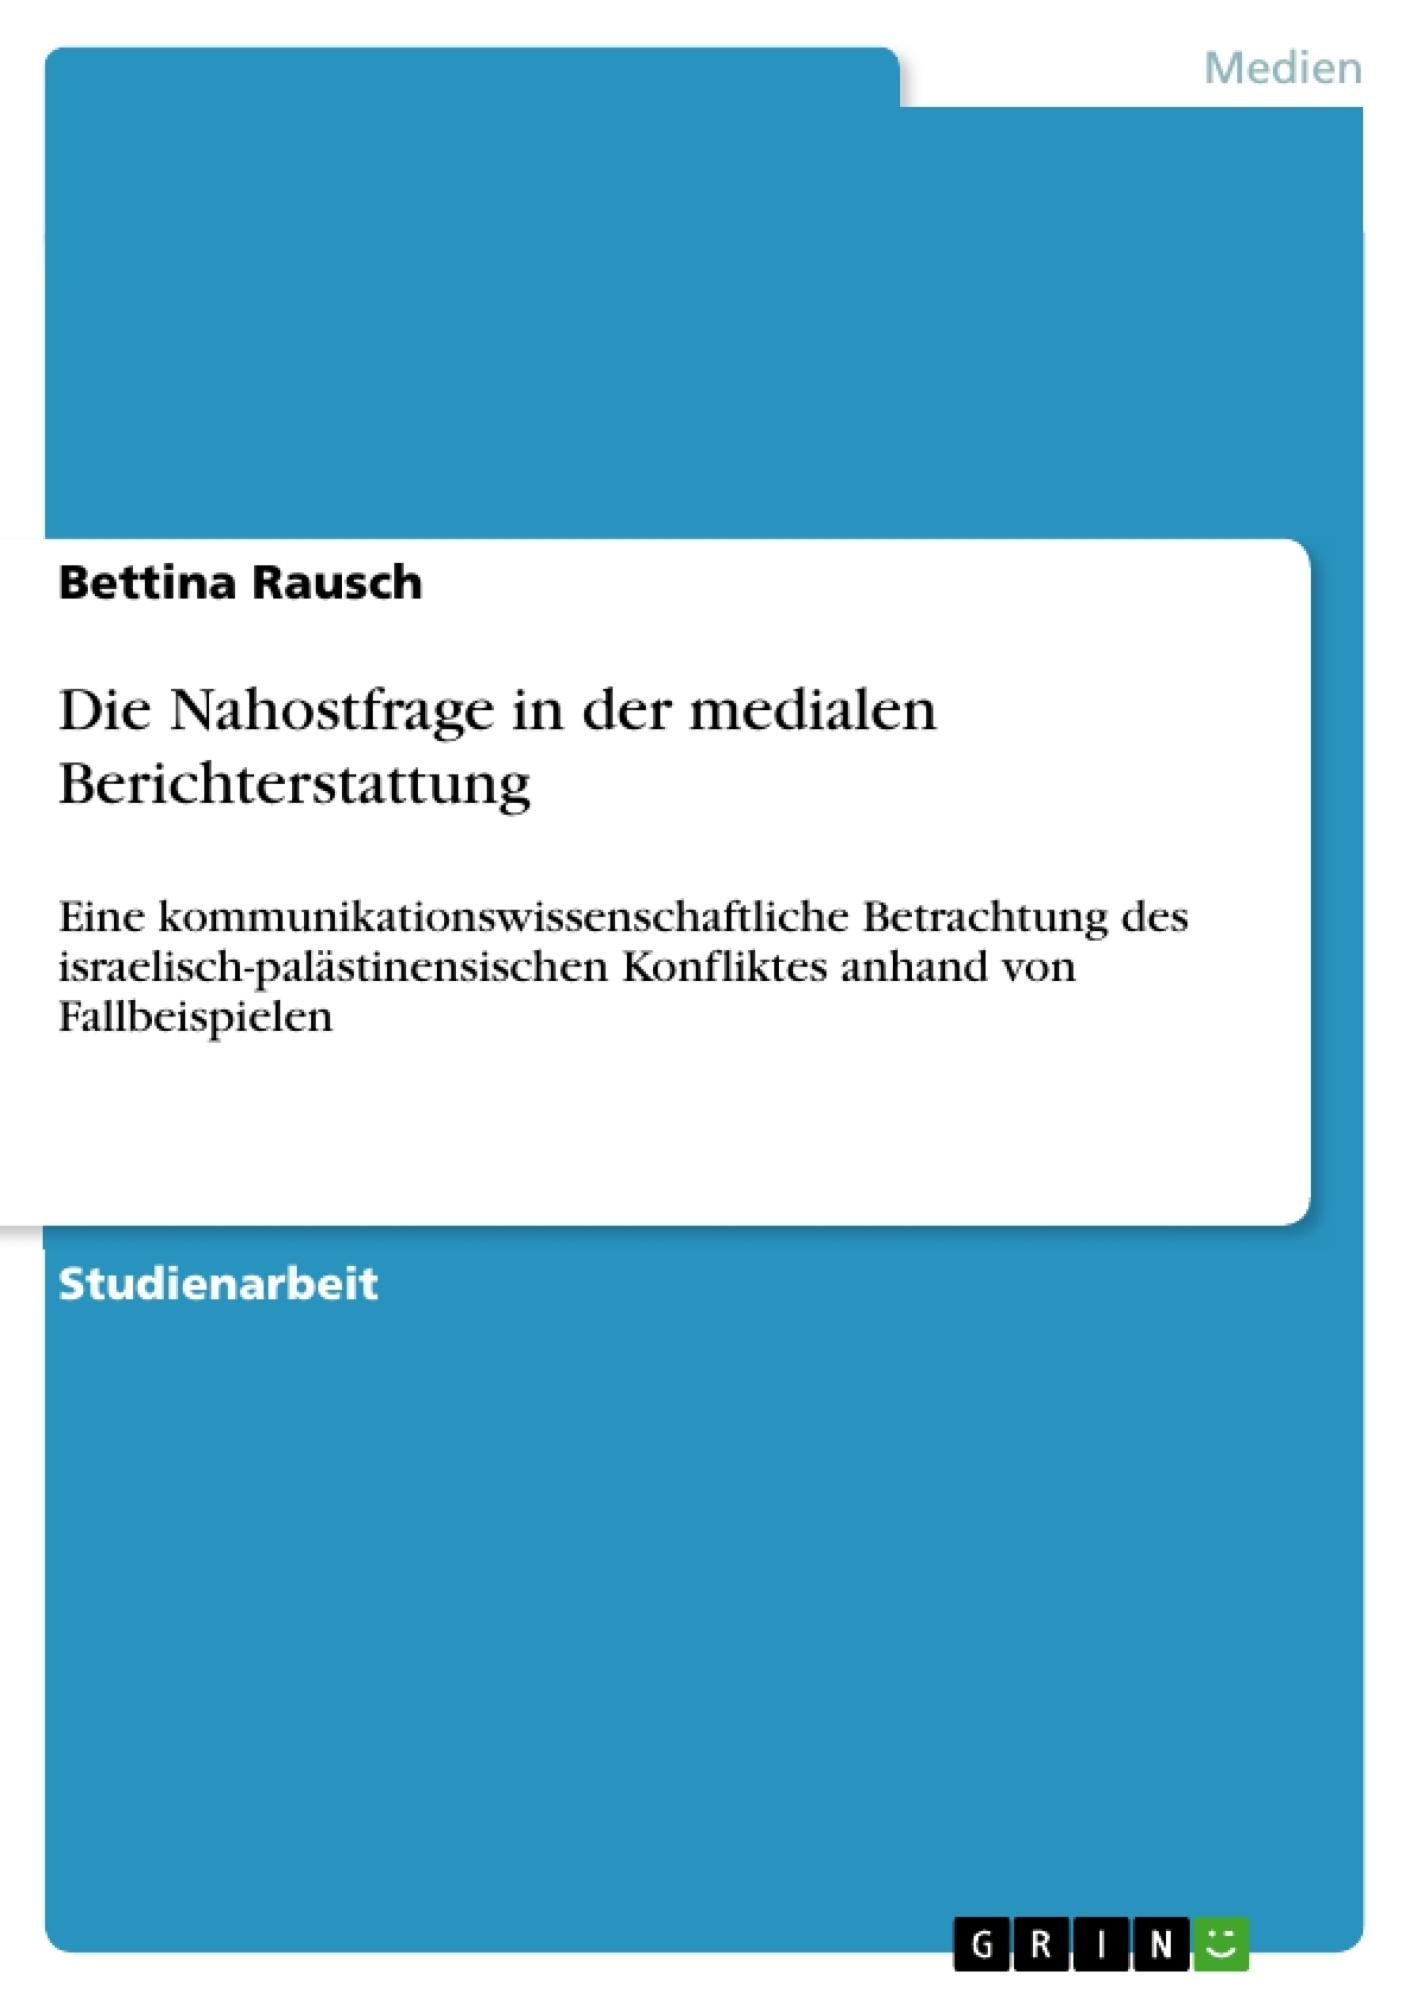 Titel: Die Nahostfrage in der medialen Berichterstattung